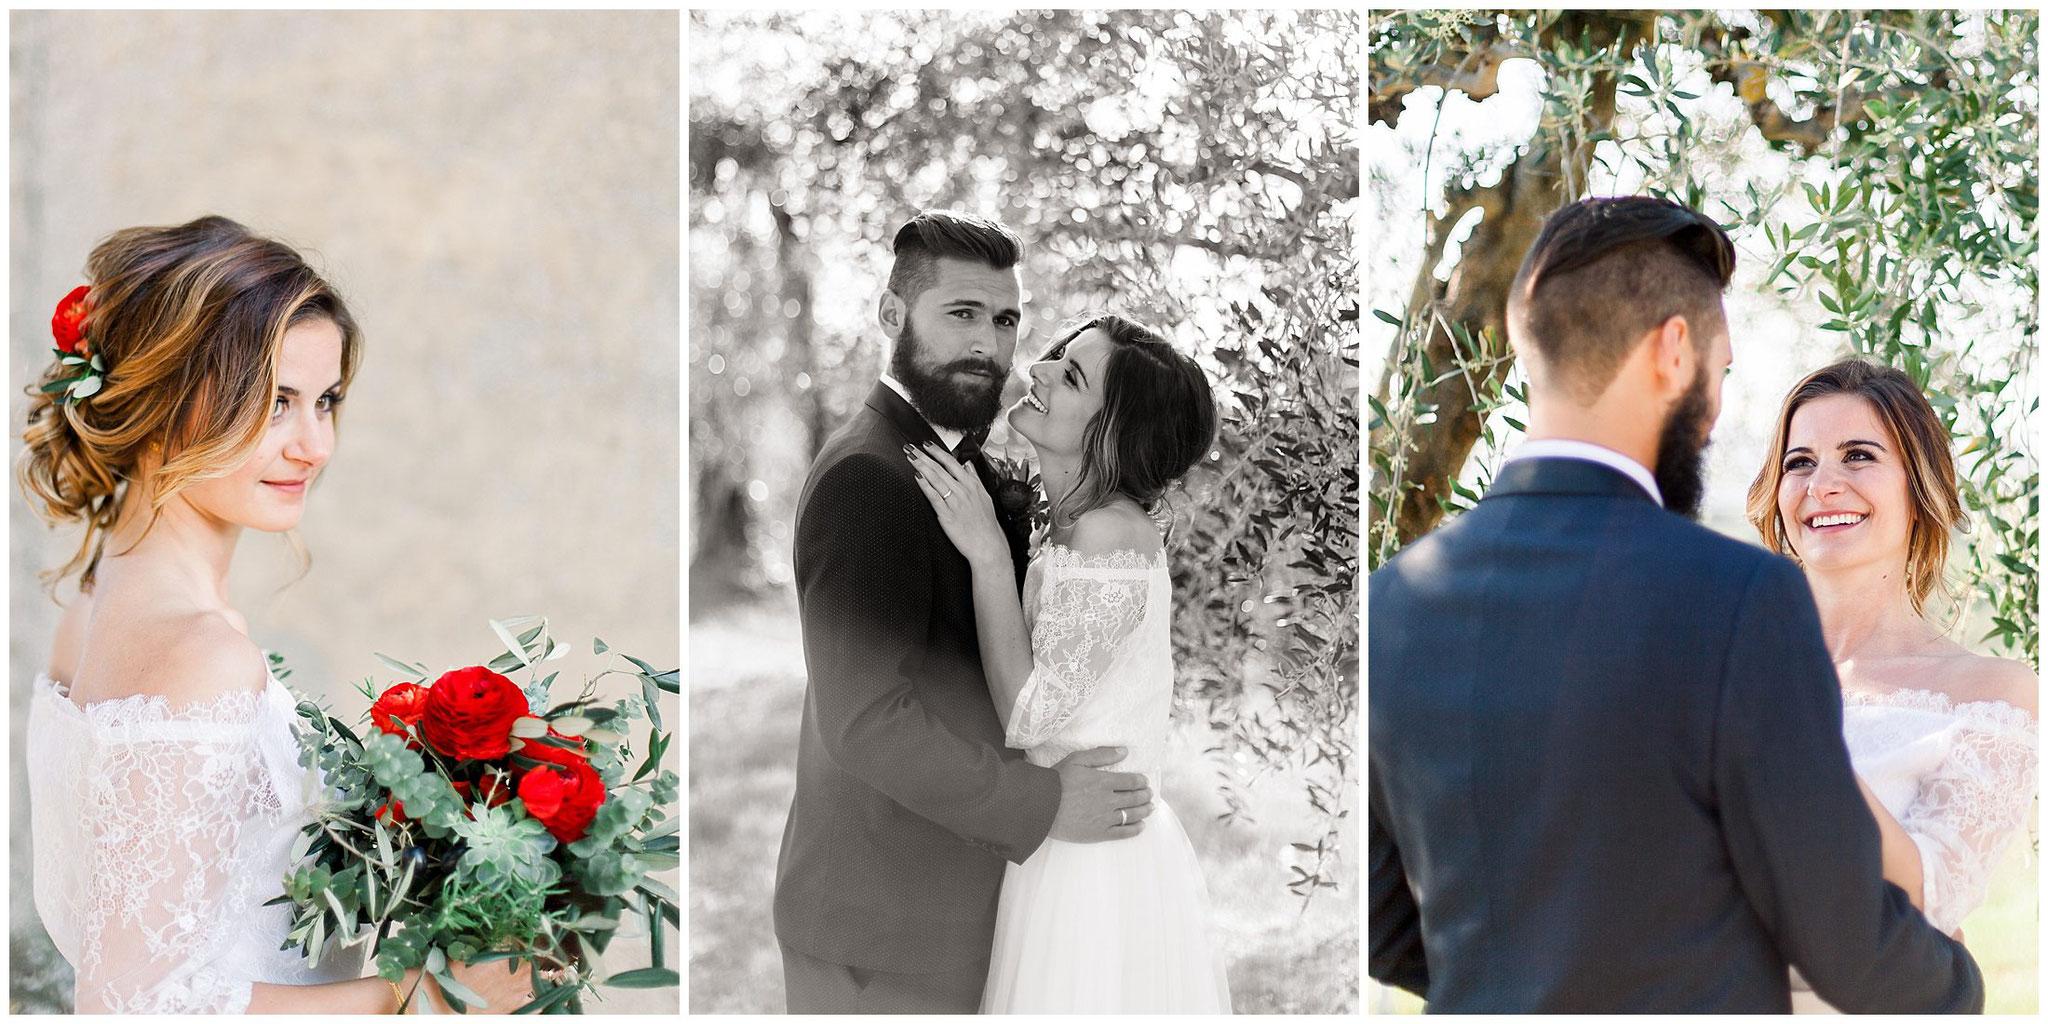 Italien Hochzeitsfotograf Toskana jane weber Olivenbäume  Auslandshochzeit destinationwedding mediterrane hochzeit